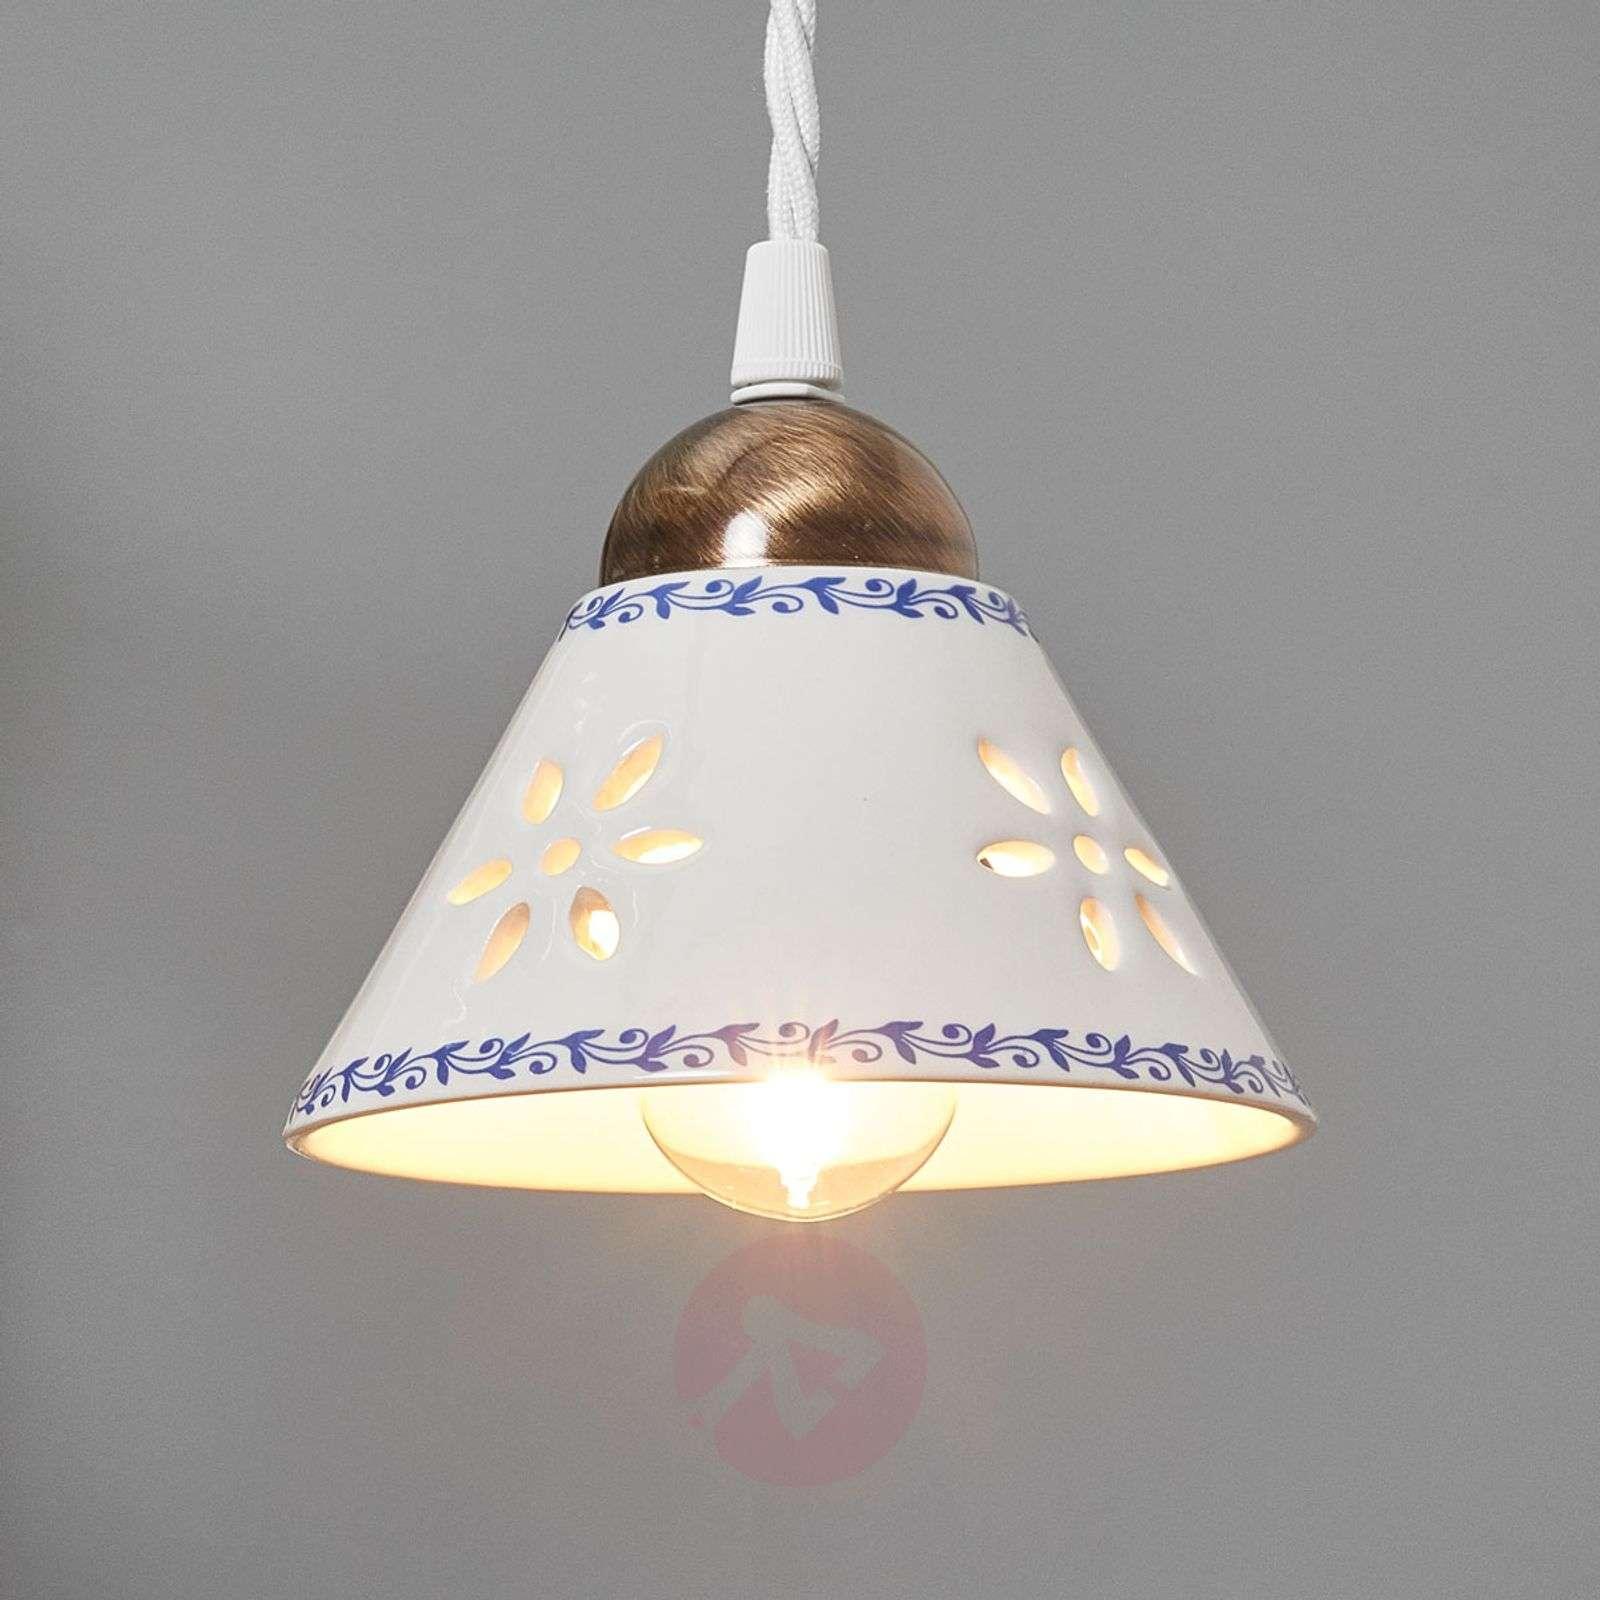 NONNA-riippuvalaisin valkoista keramiikkaa-2013026-01